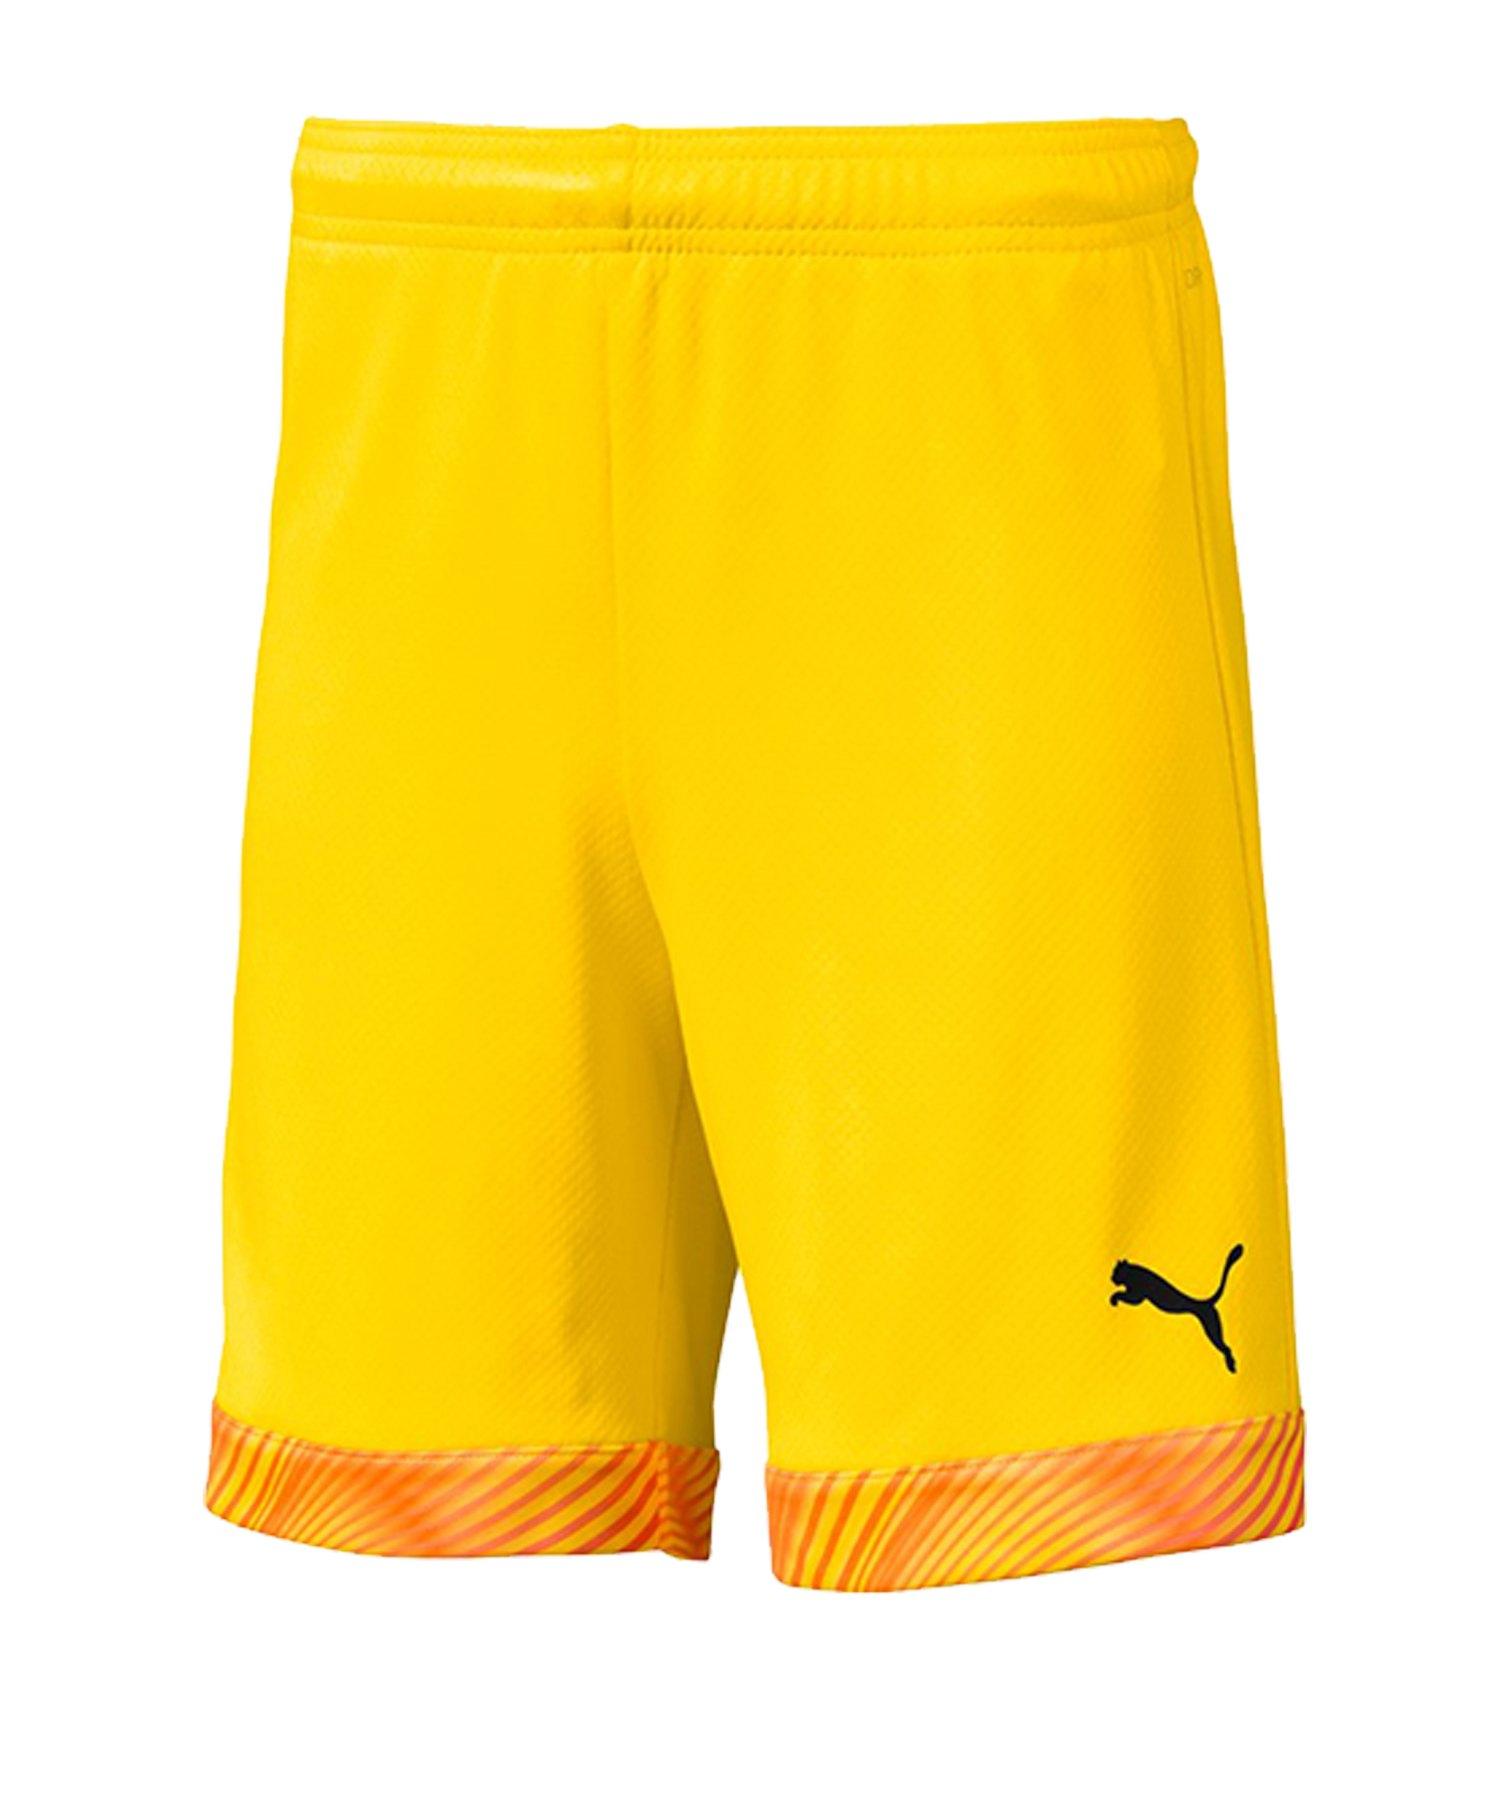 PUMA CUP Short Kids Gelb Orange Schwarz F45 - gelb